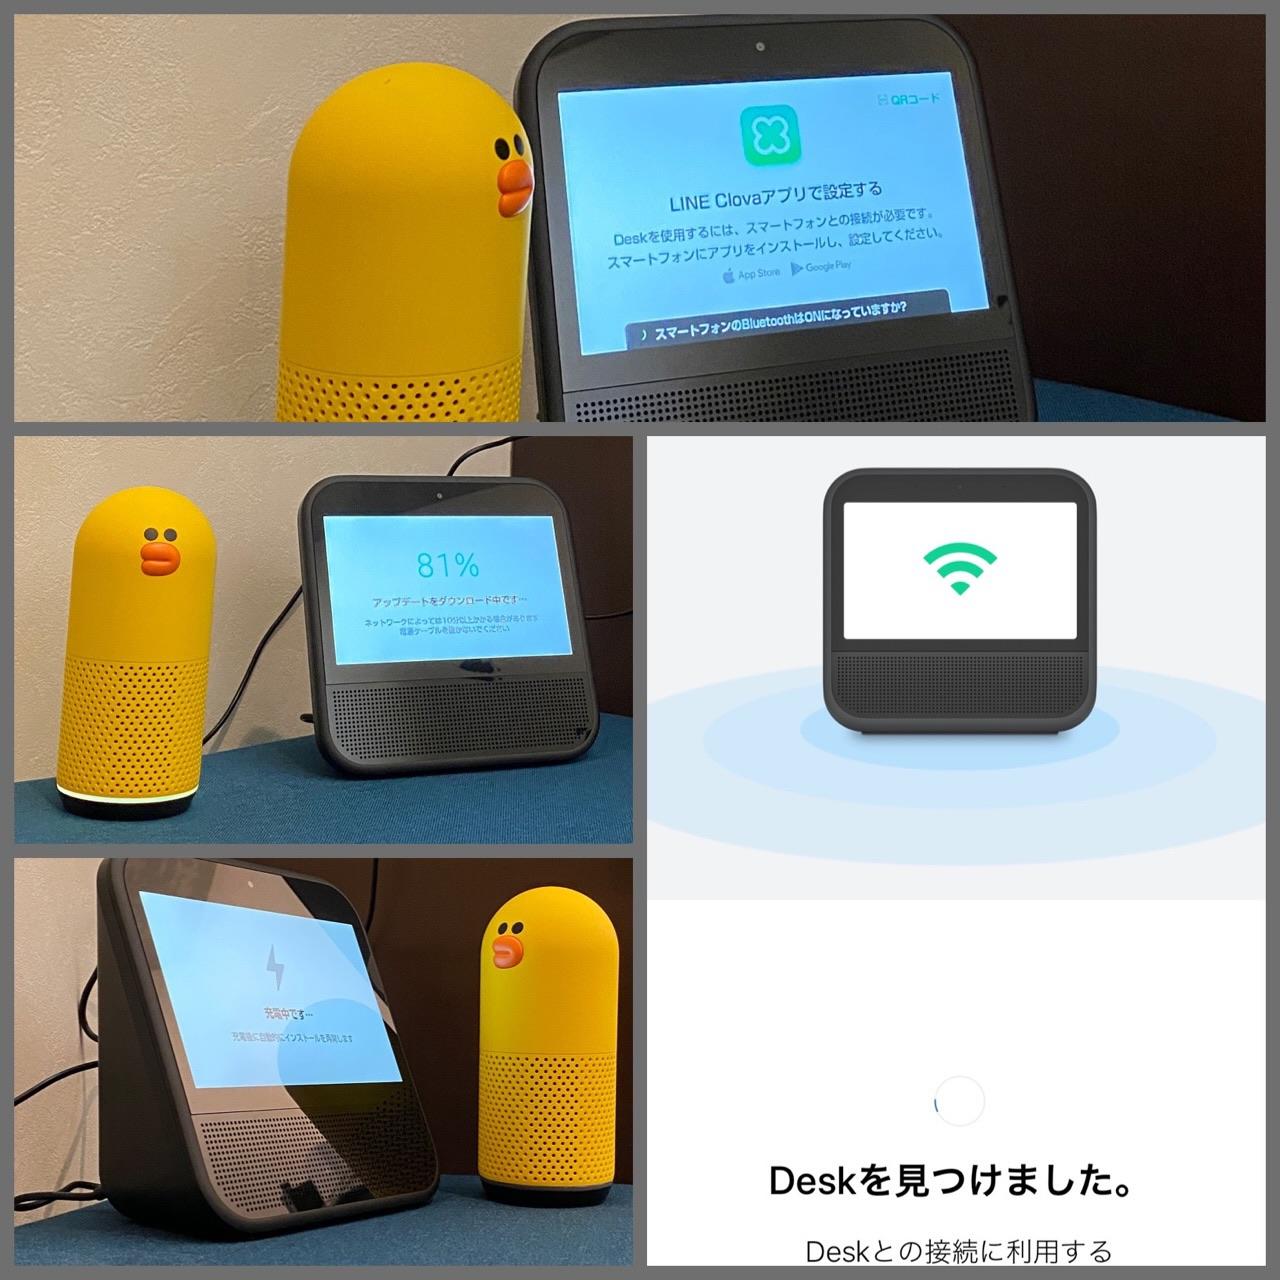 LINE Clova Desk をセットアップ中。 https://t.co/b4BN8H9VZD